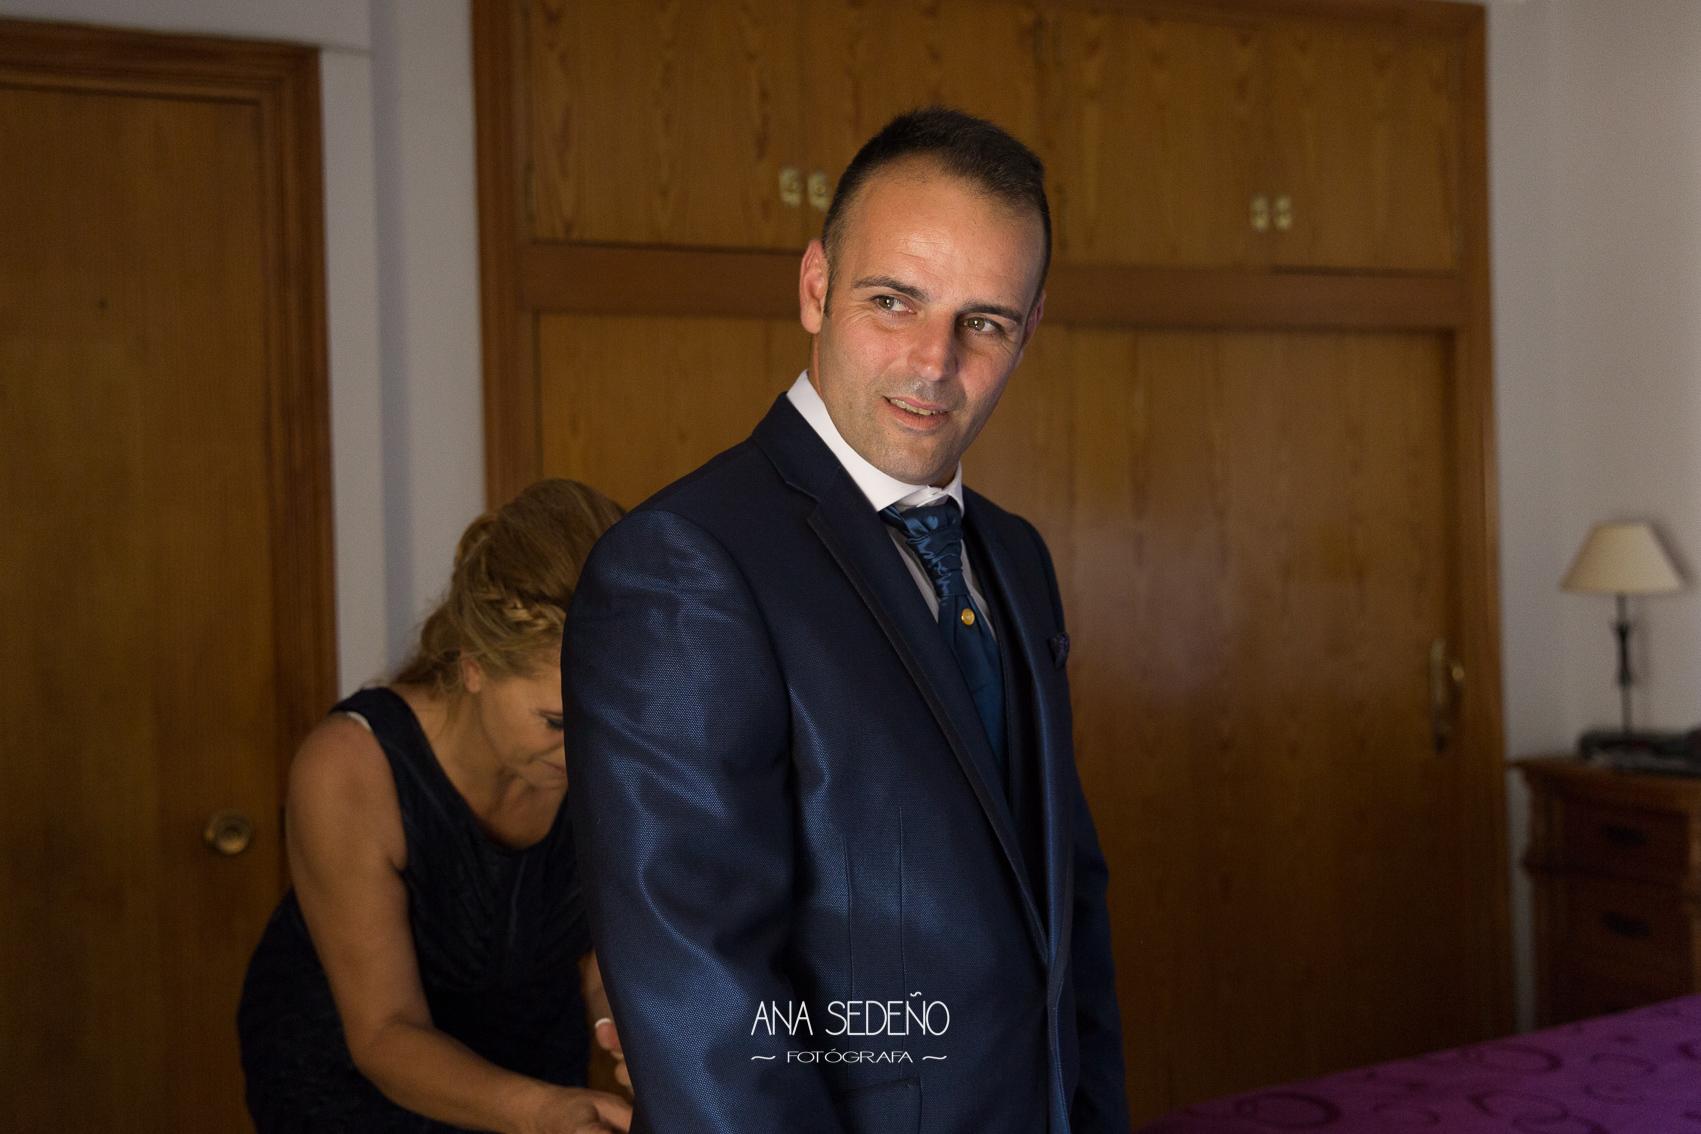 Ana Sedeño Fotografa.-BJ&R-0096